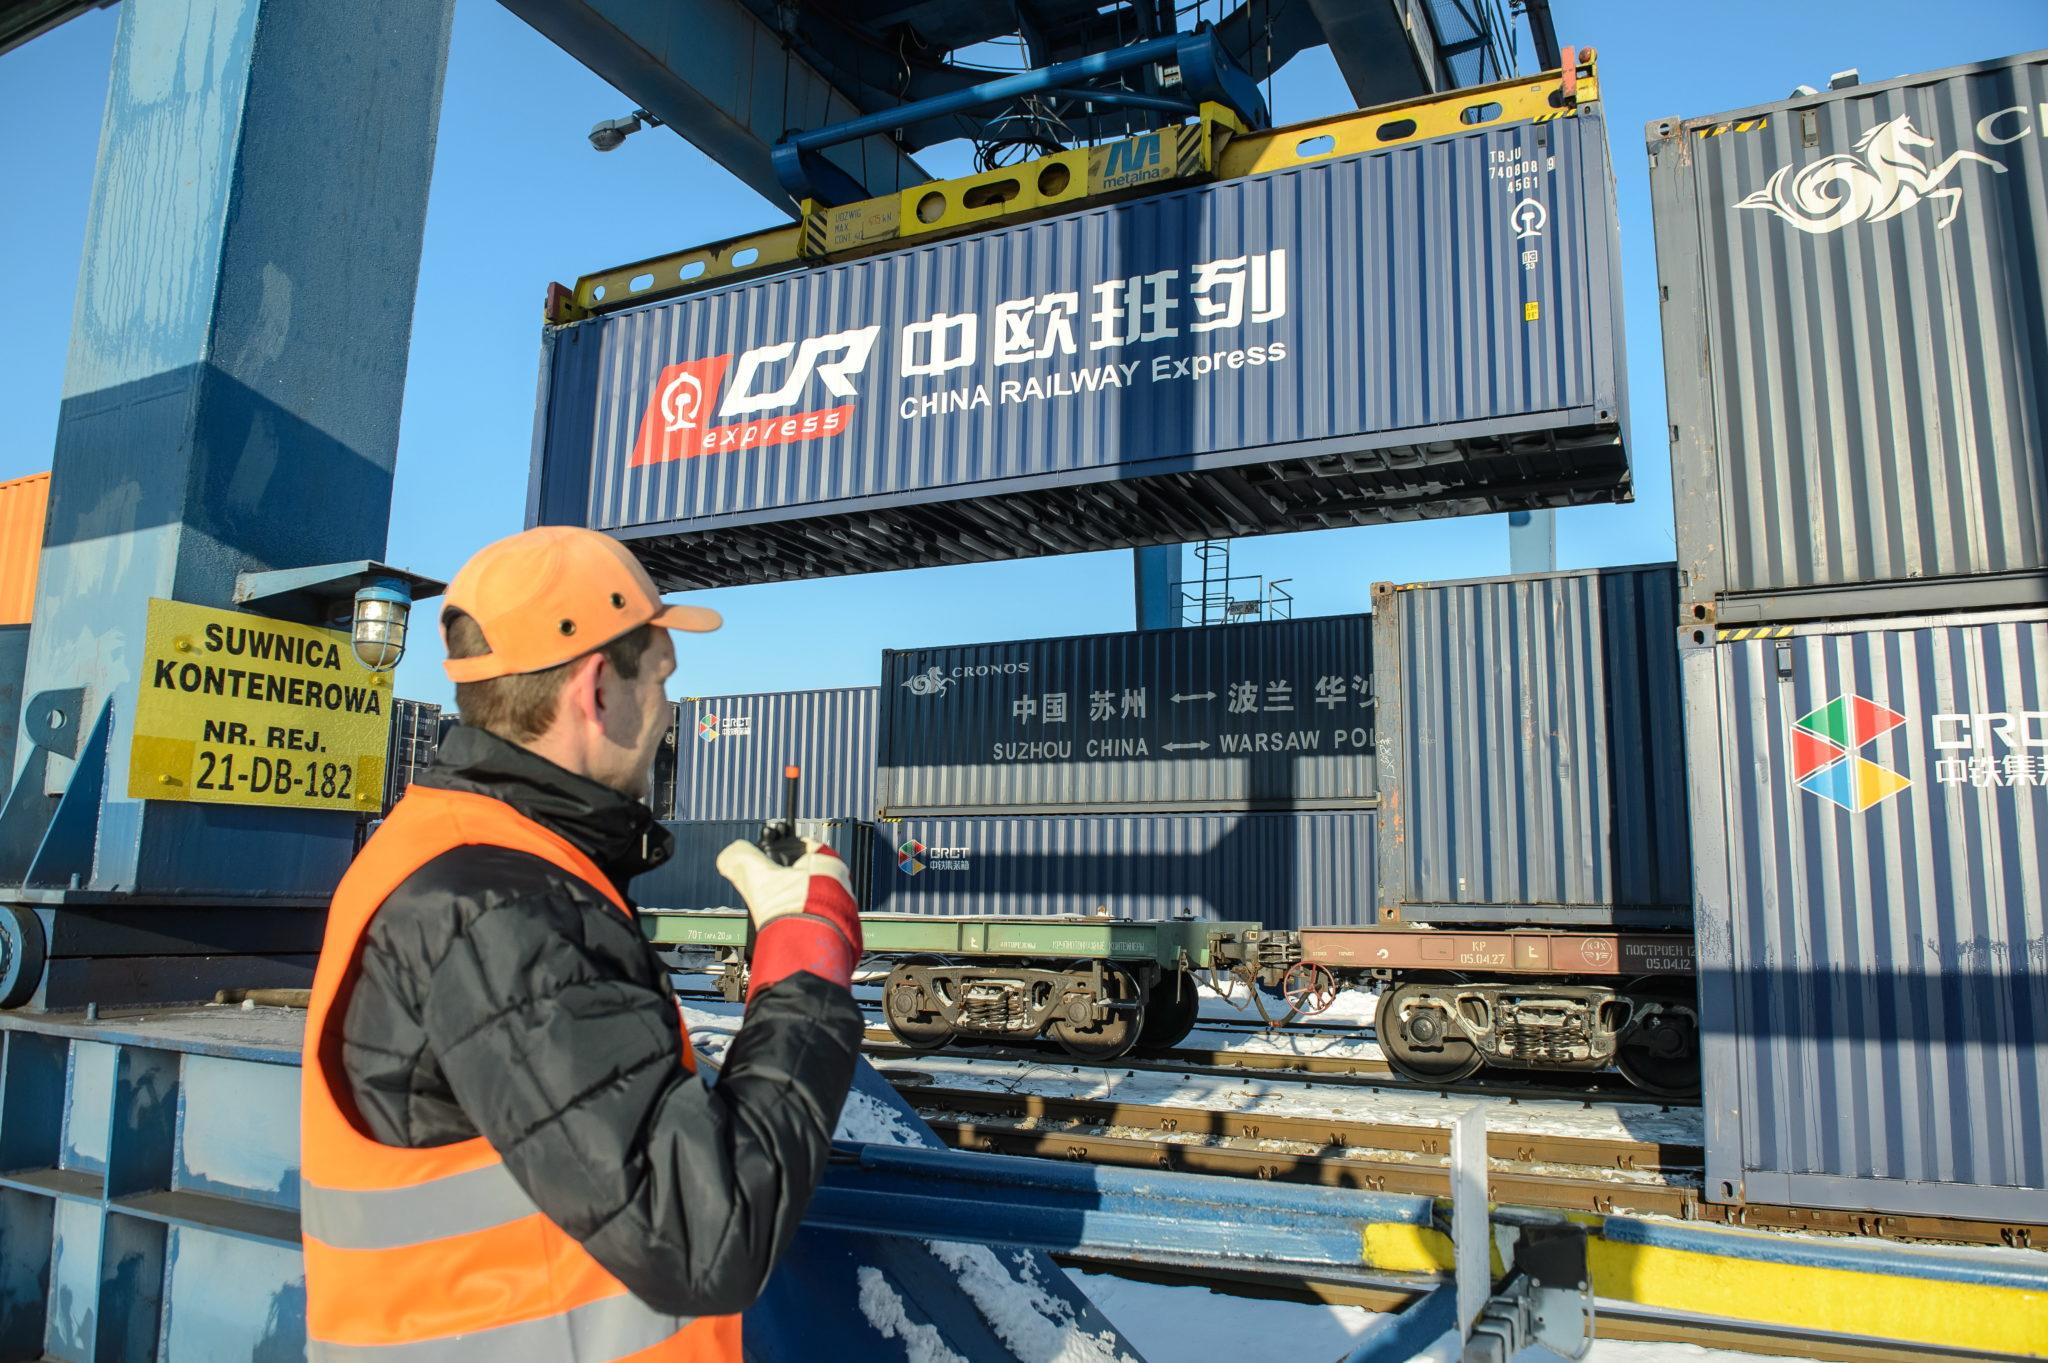 Polska: przeładunek pociągu kontenerowego z Chin do Londynu w Małszewiczach (foto. PAP/Wojciech Pacewicz)